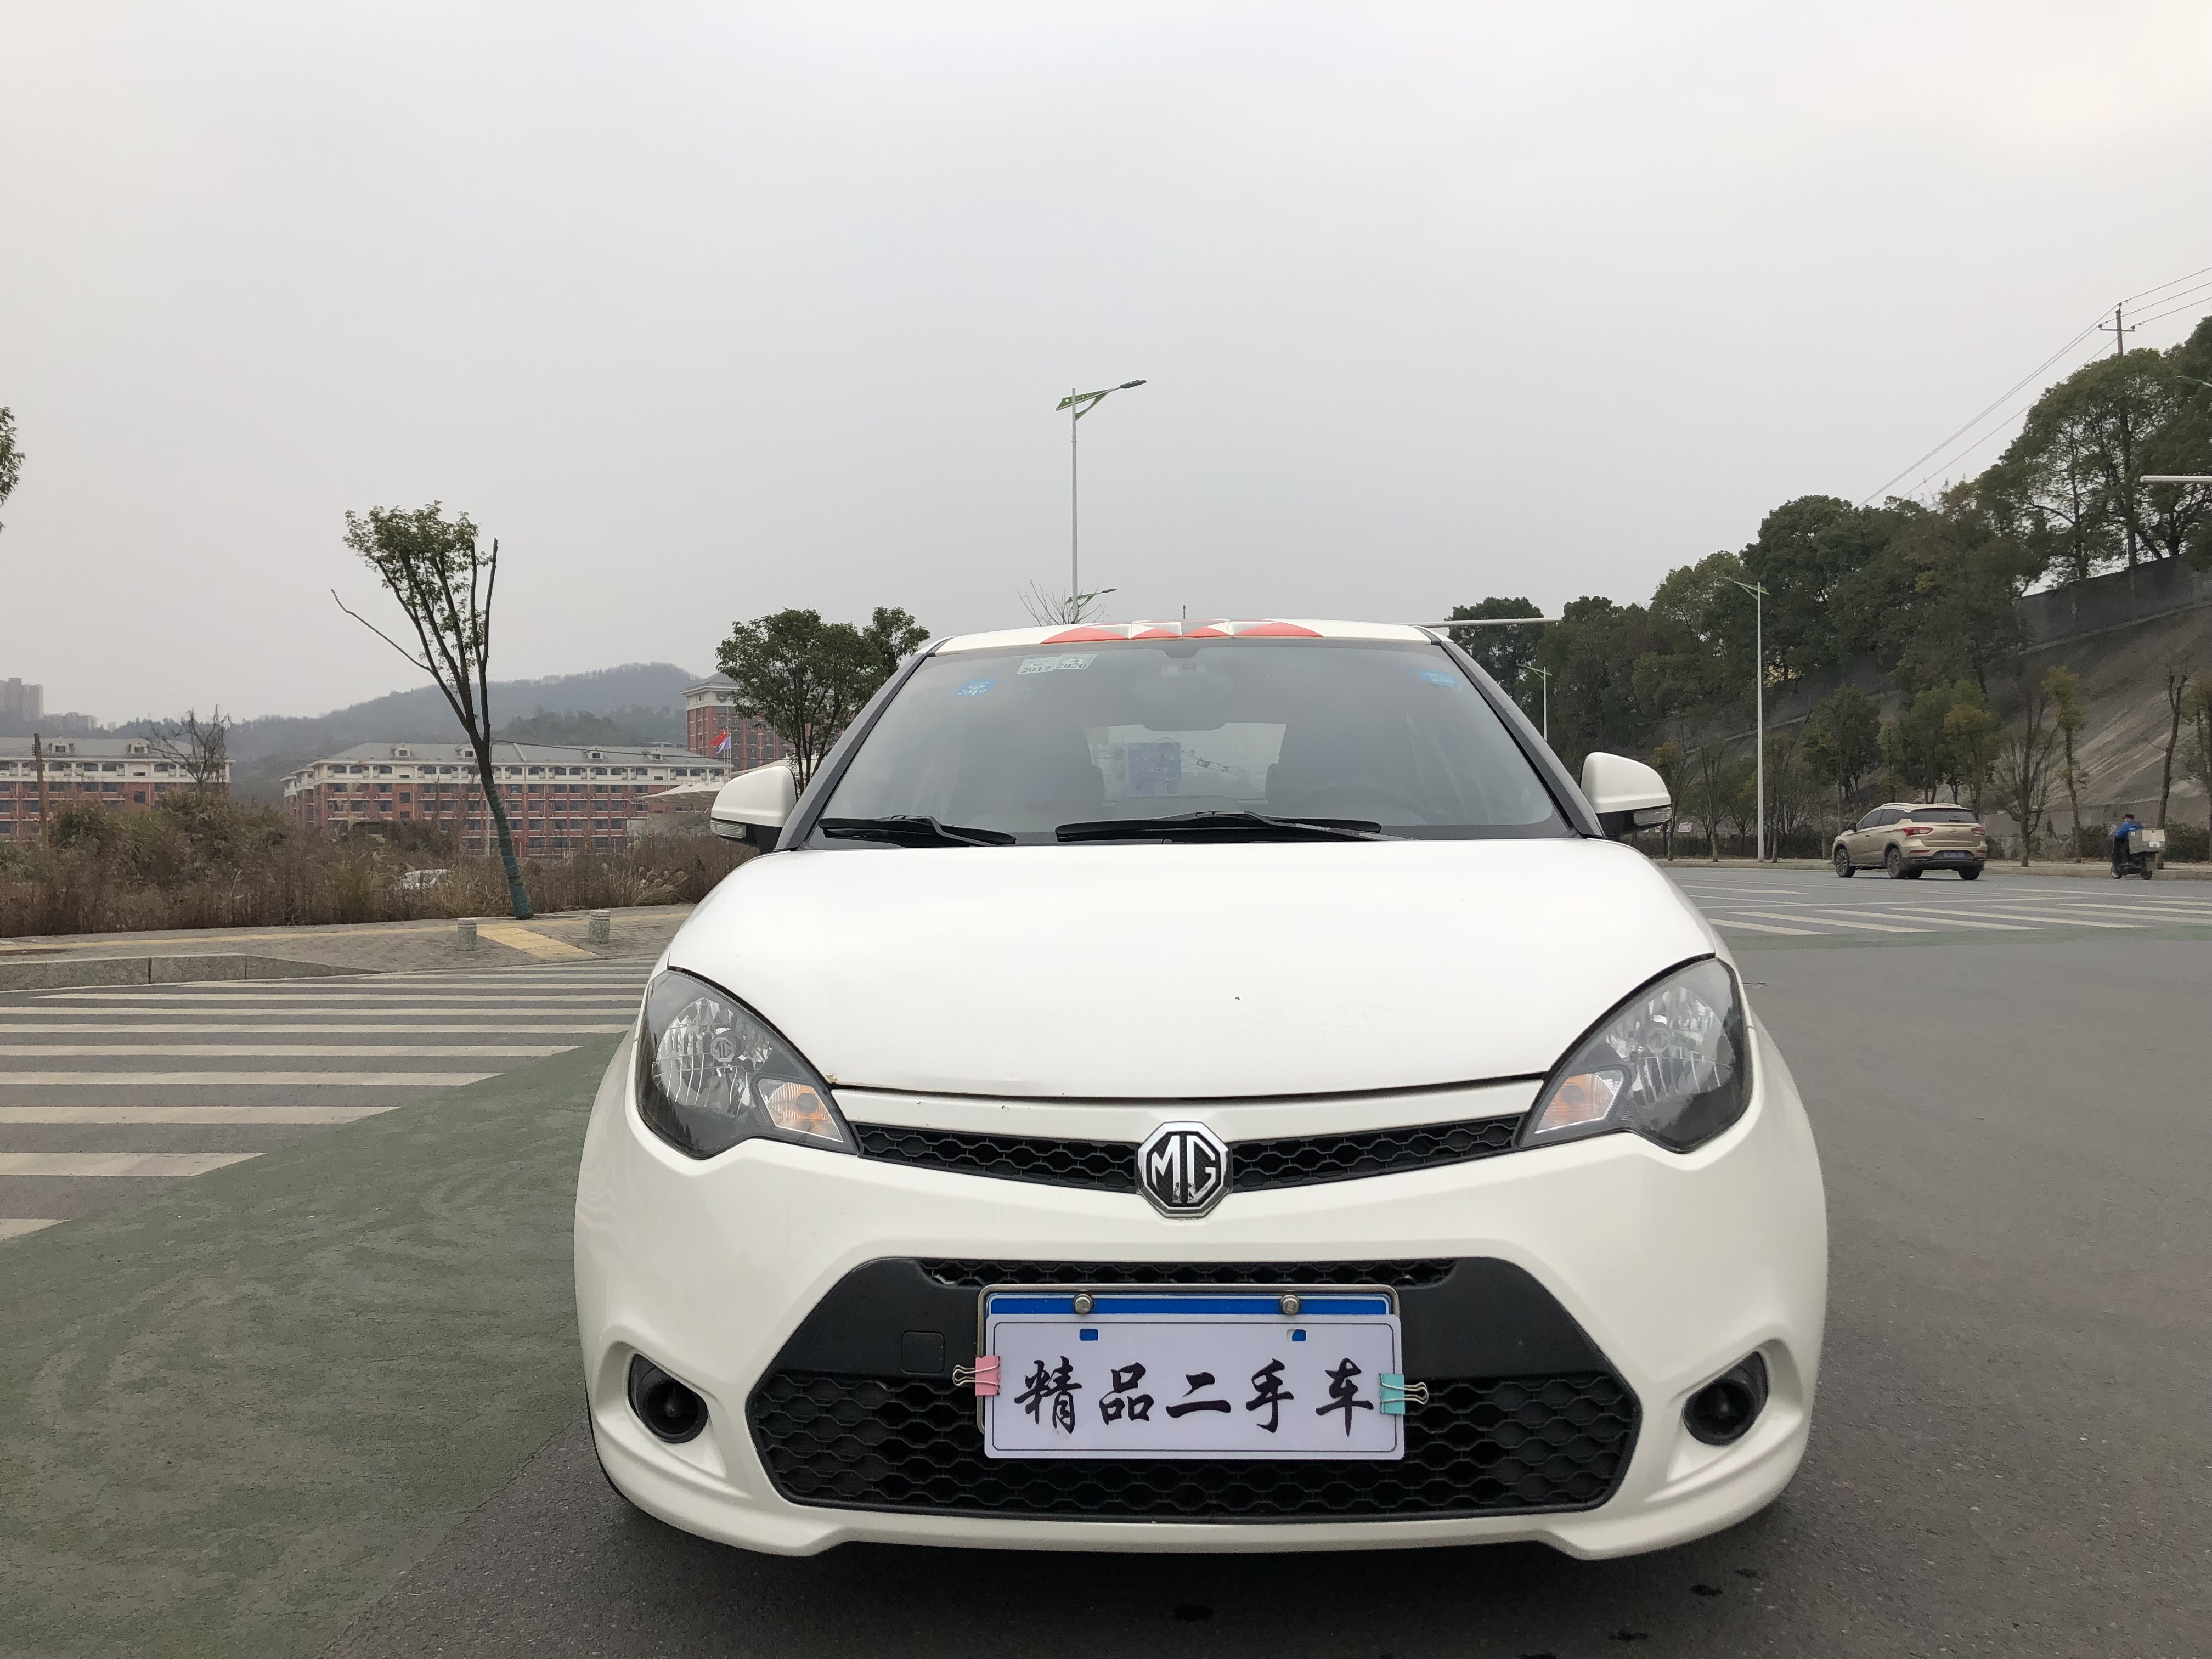 【三联名车】出售一台2013年手动挡MG3一手私家车